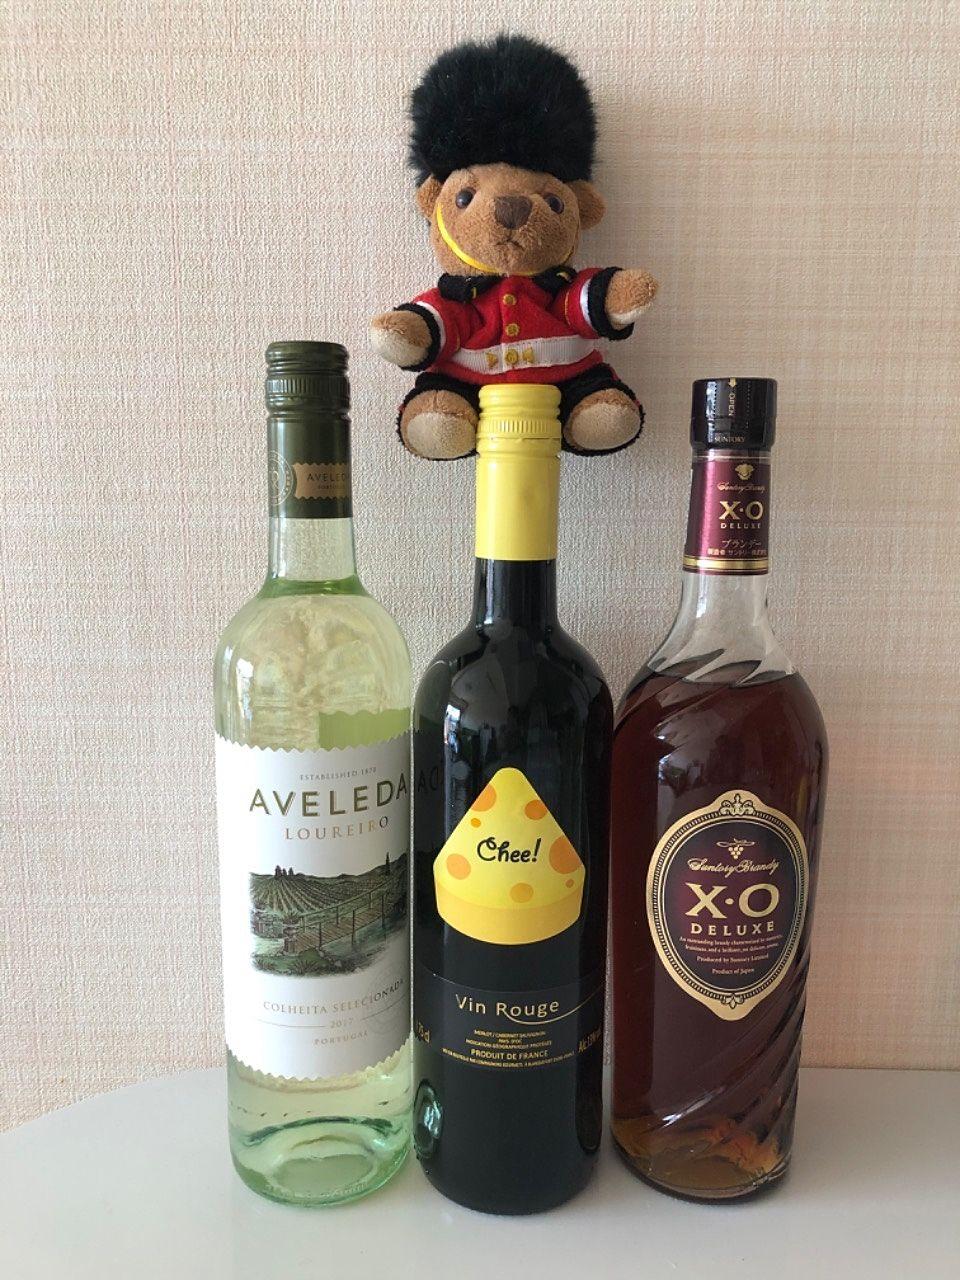 池袋の酒卸 折原さんのガレージセールでワインとブランデーを買いました。